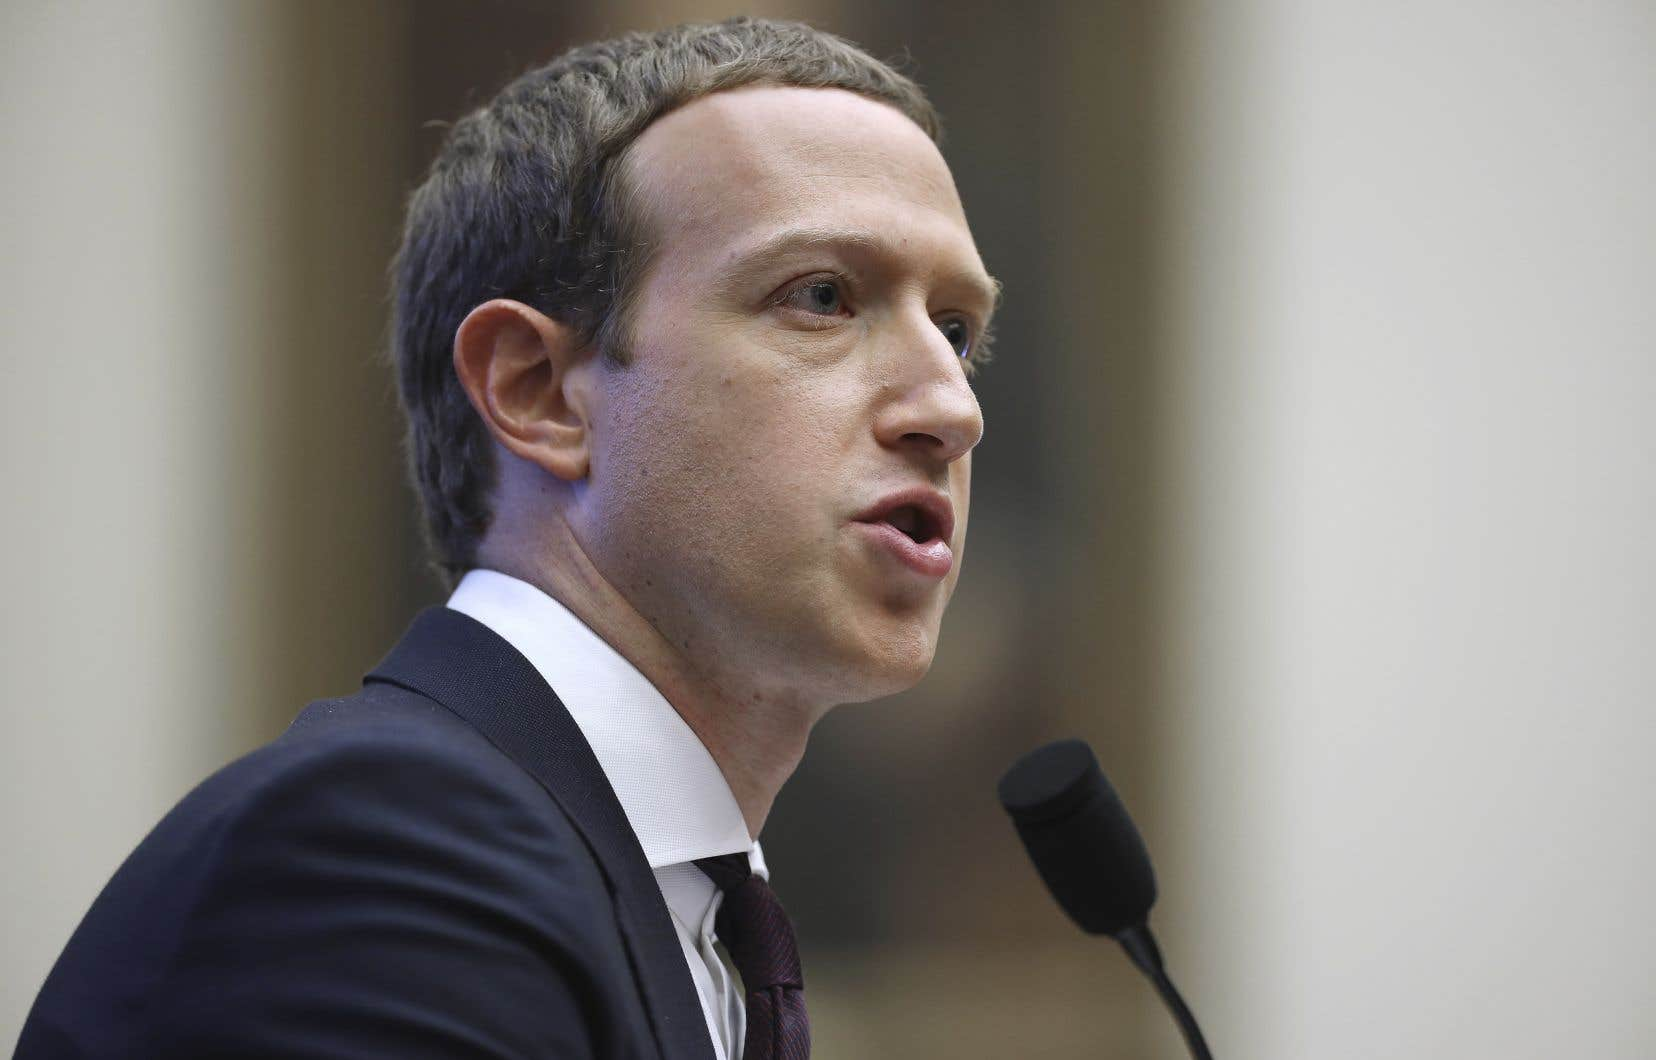 Le fondateur de Facebook, Mark Zuckerberg, a été soumis à un barrage de questions sur la monnaie libra lors de son audience devant le Congrès américain mercredi.